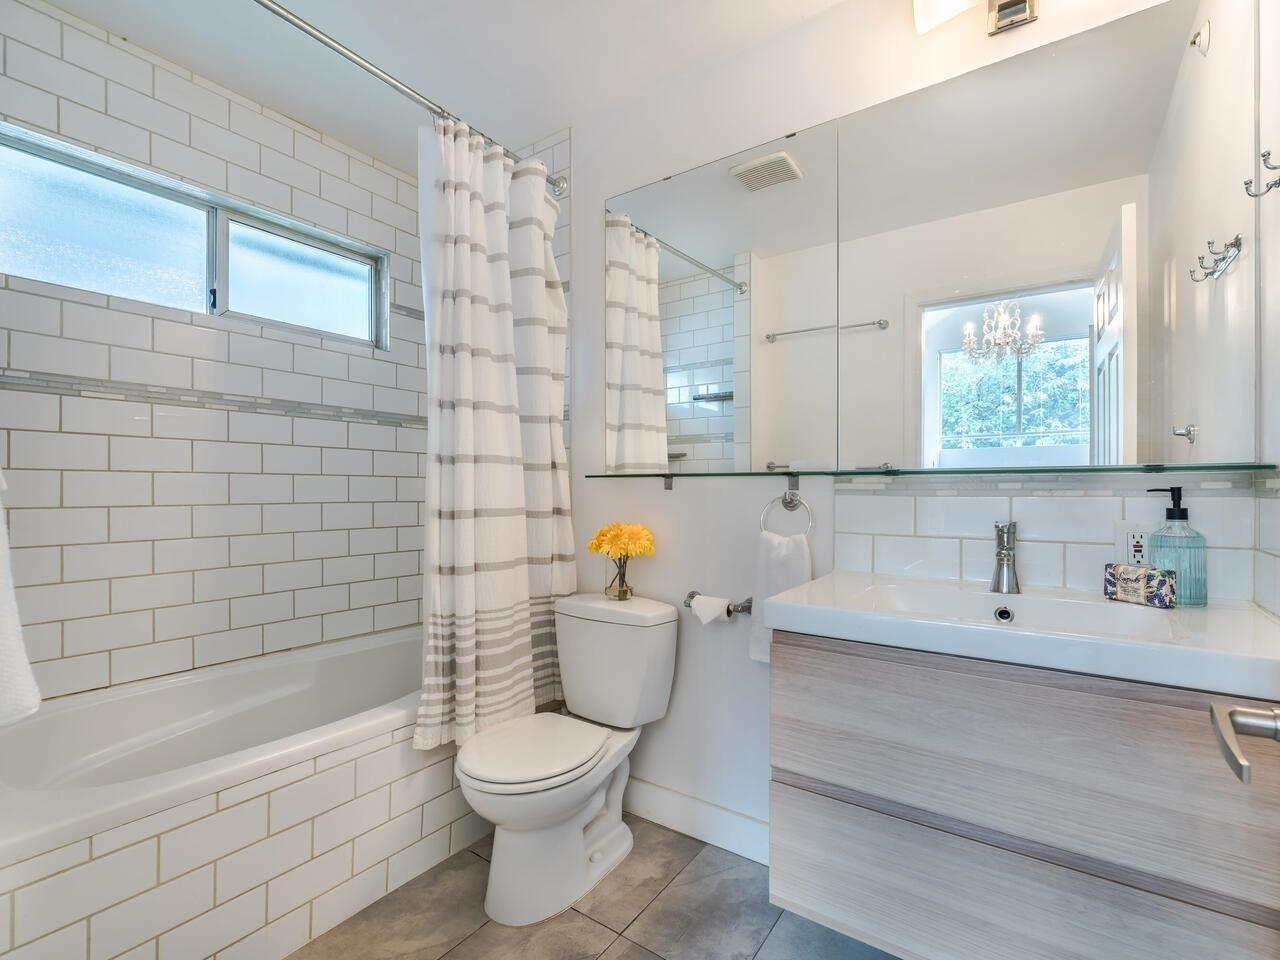 1231 E 11TH AVENUE - Mount Pleasant VE 1/2 Duplex for sale, 3 Bedrooms (R2625828) - #28